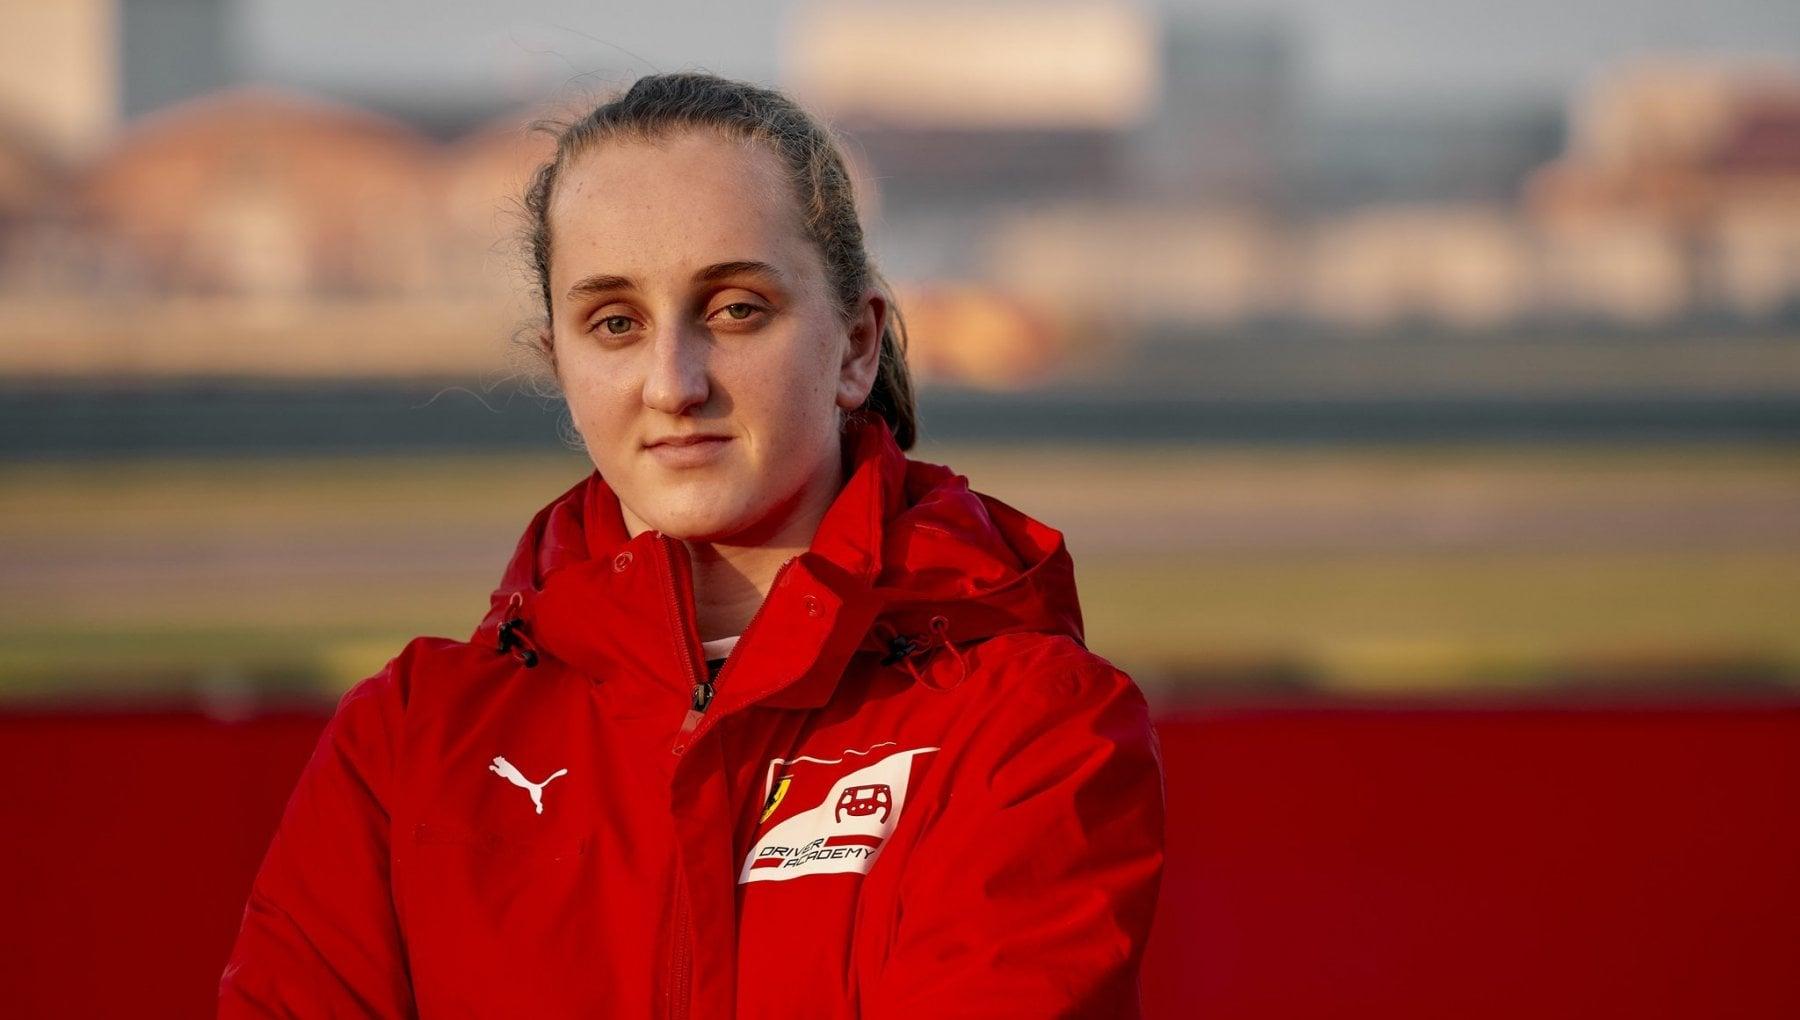 Maya Weug nell'Academy Ferrari, prima pilota donna della Scuderia